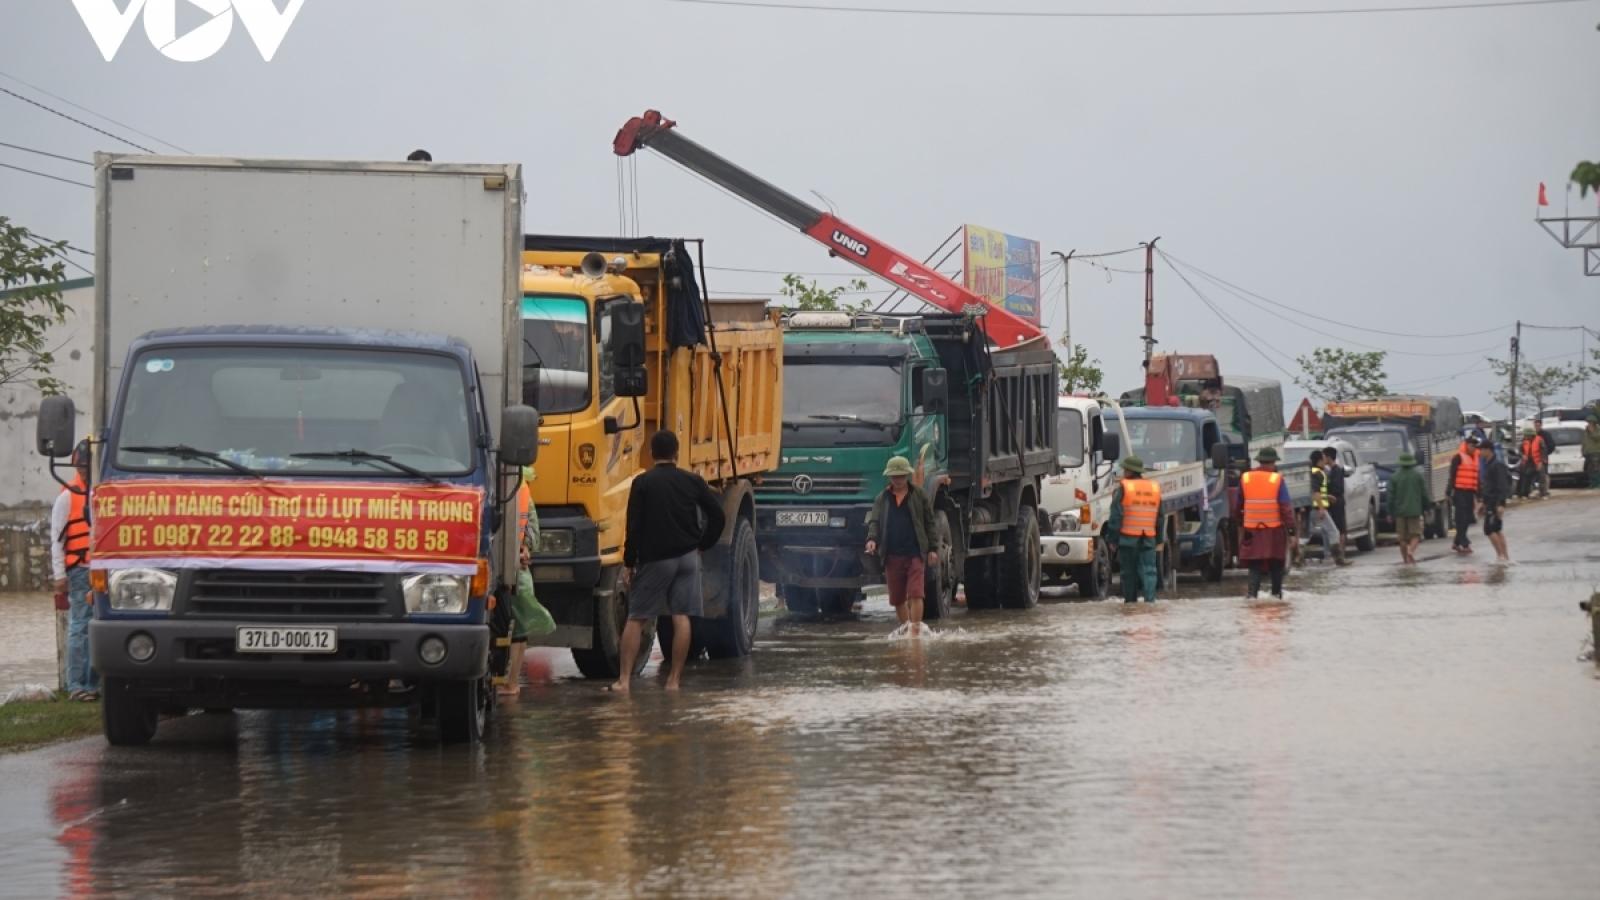 Tạm dừng thu phí BOT qua Quảng Trị cho các phương tiện phục vụ cứu trợ lũ lụt